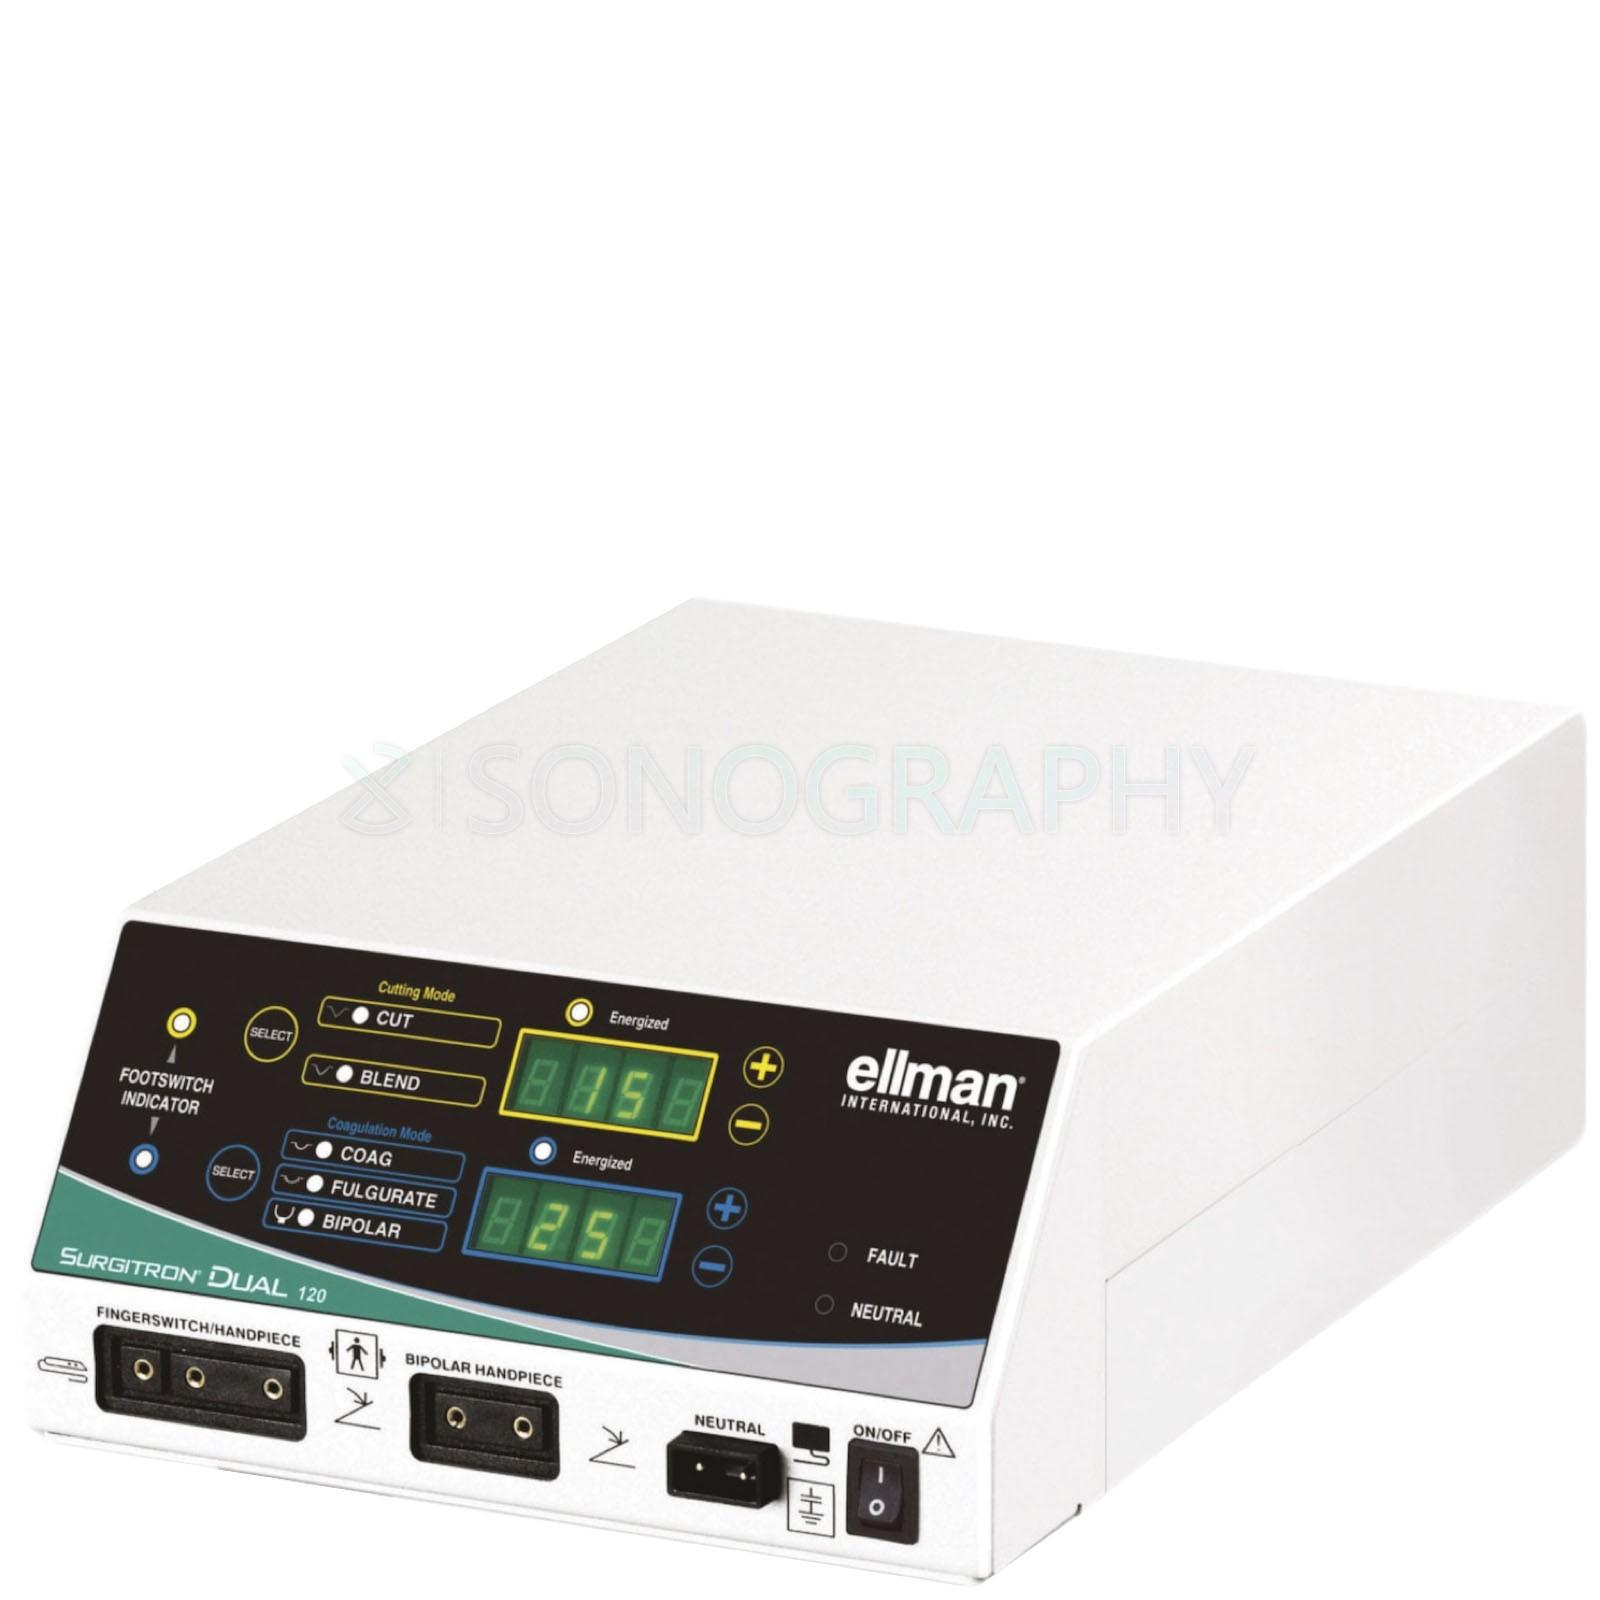 Ellman Surgitron Dual EMC 90